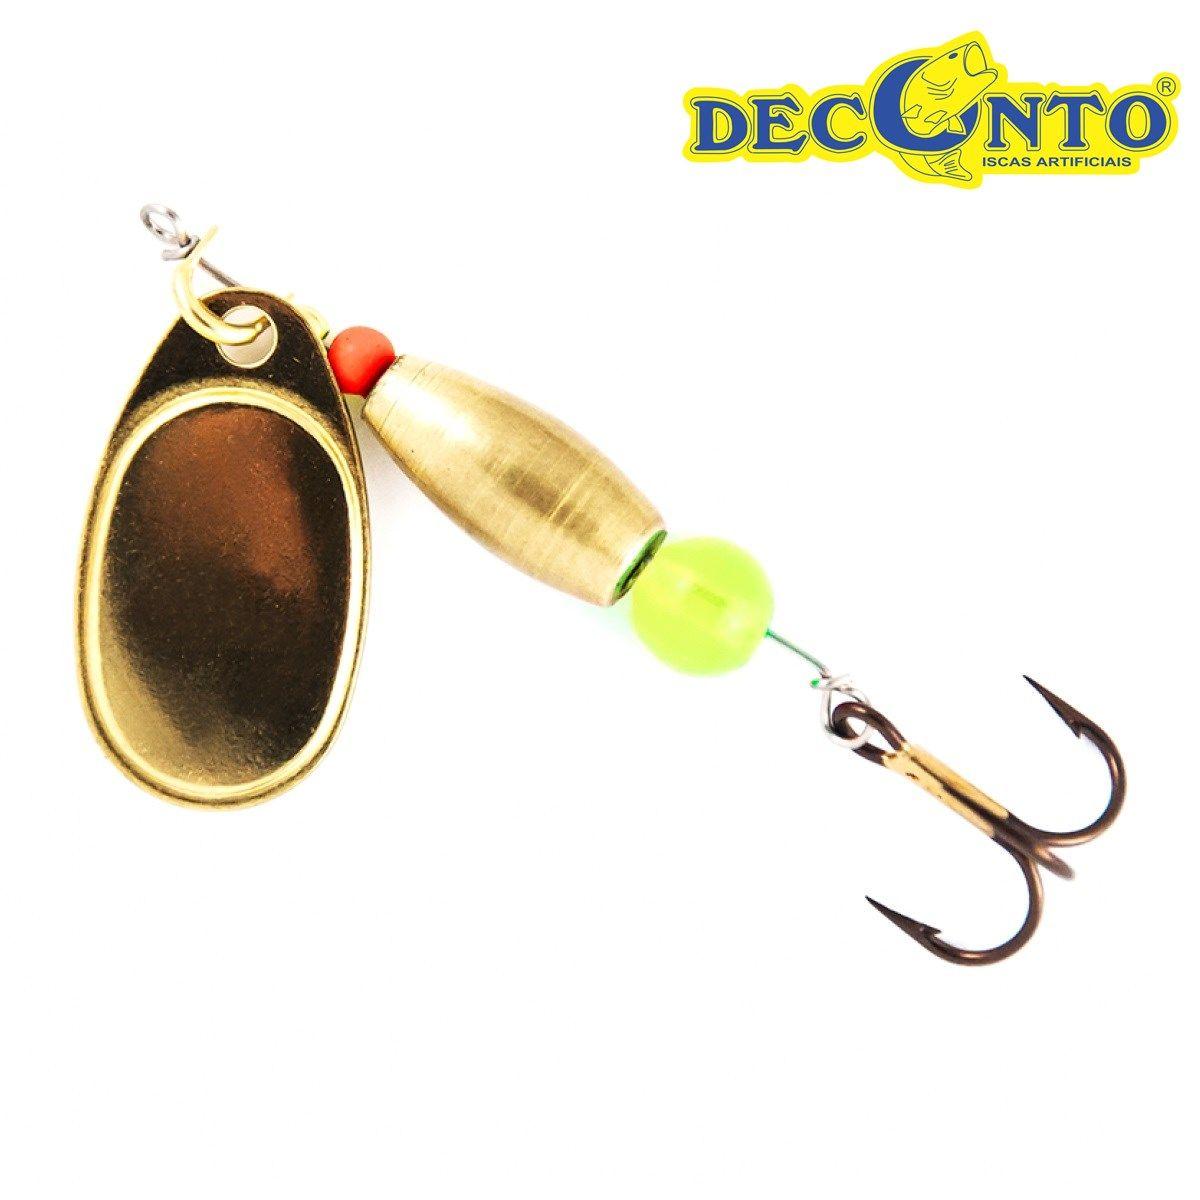 Isca Artificial Deconto Spinner Giromax 45 (4,5 gramas)  - MGPesca